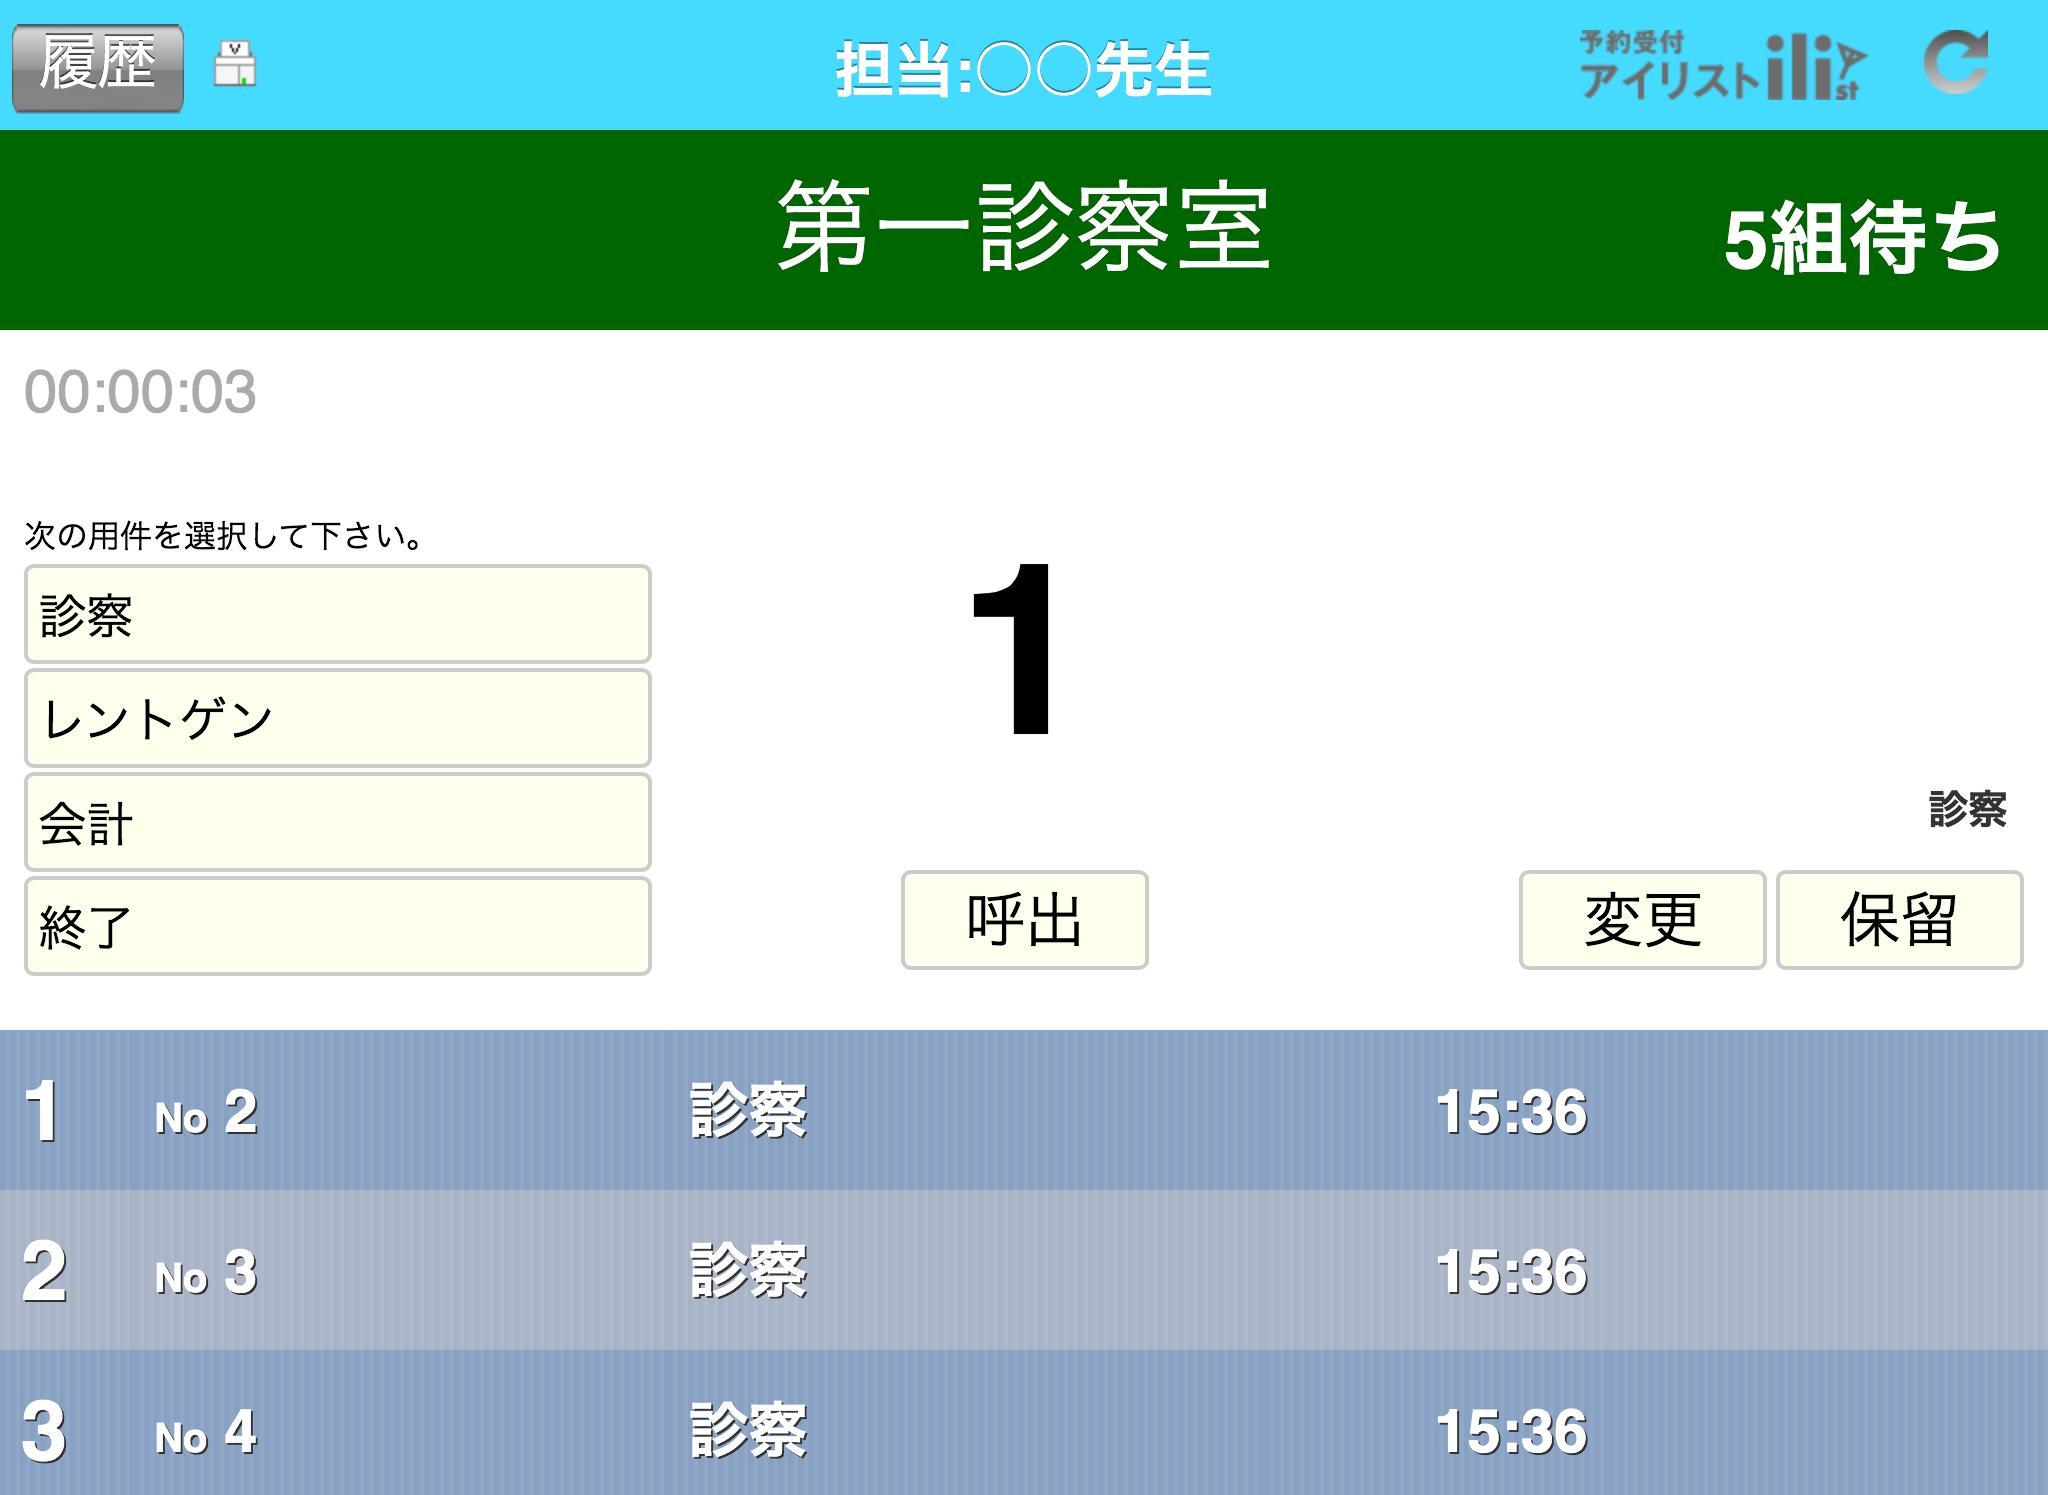 その2:案内する番号が表示され 館内アナウンスが流れます。